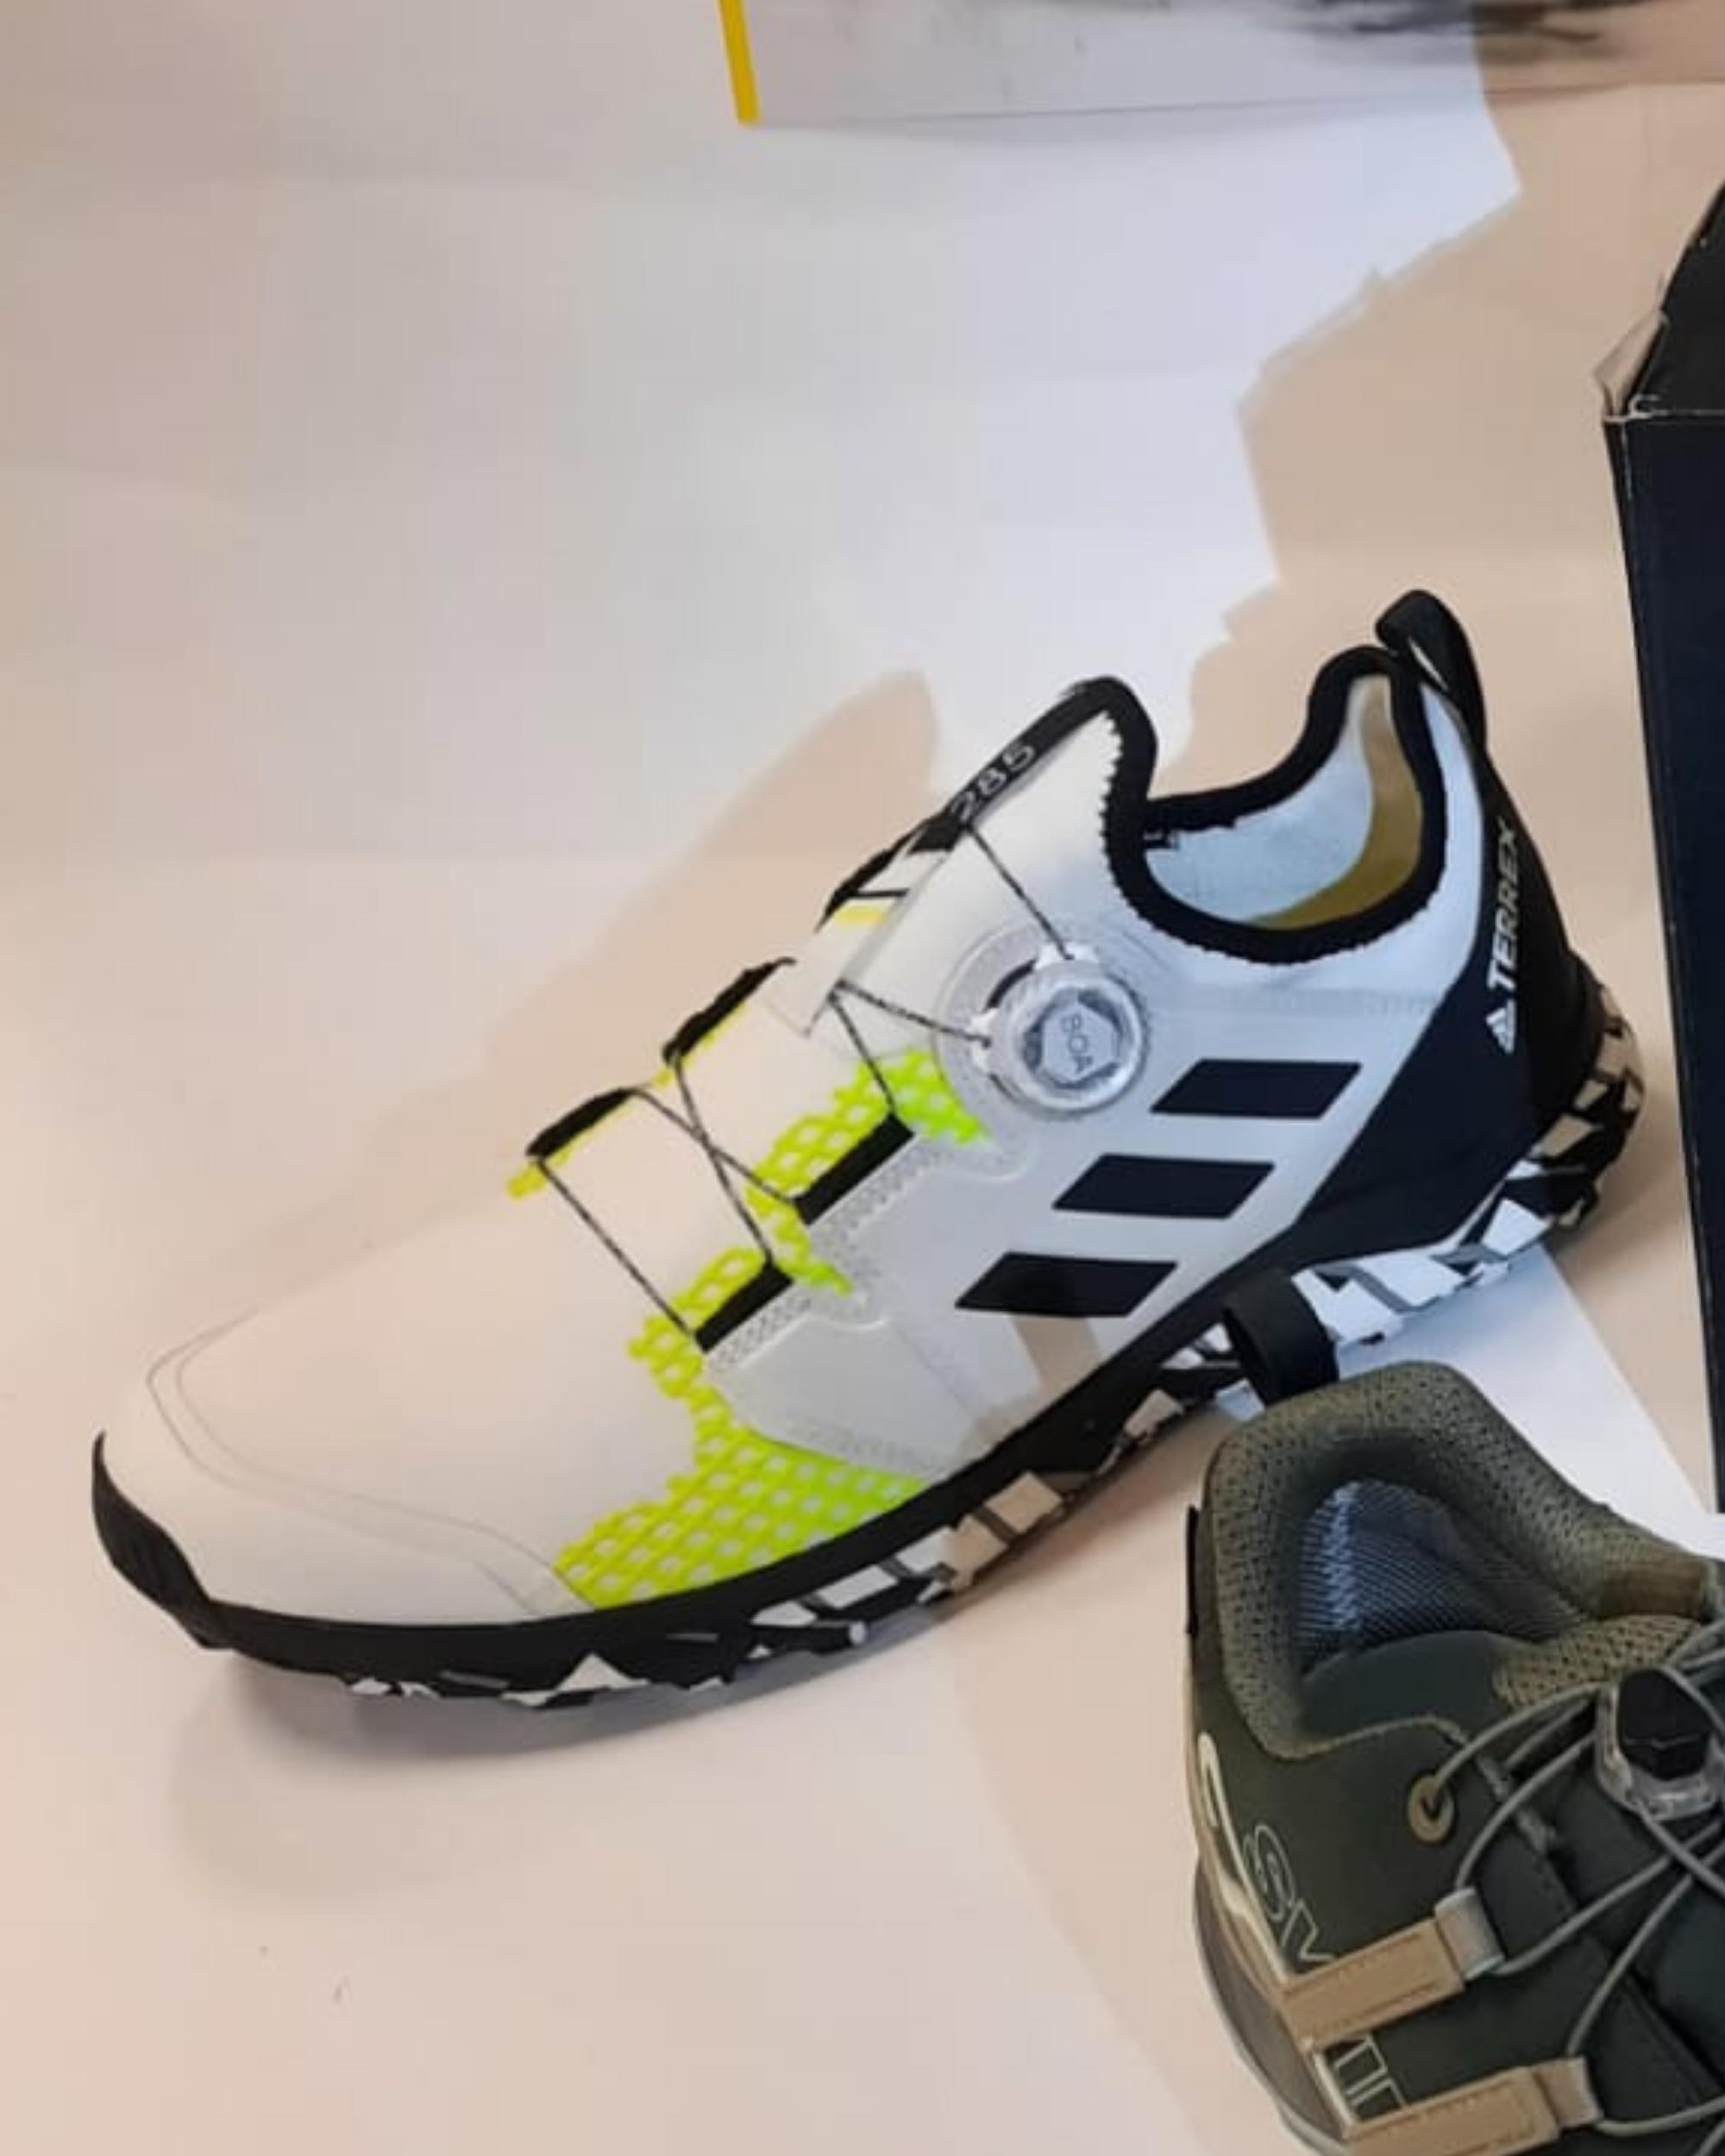 Chaussures Trail Adidas Terrex Agravic B - Intersport Morzine